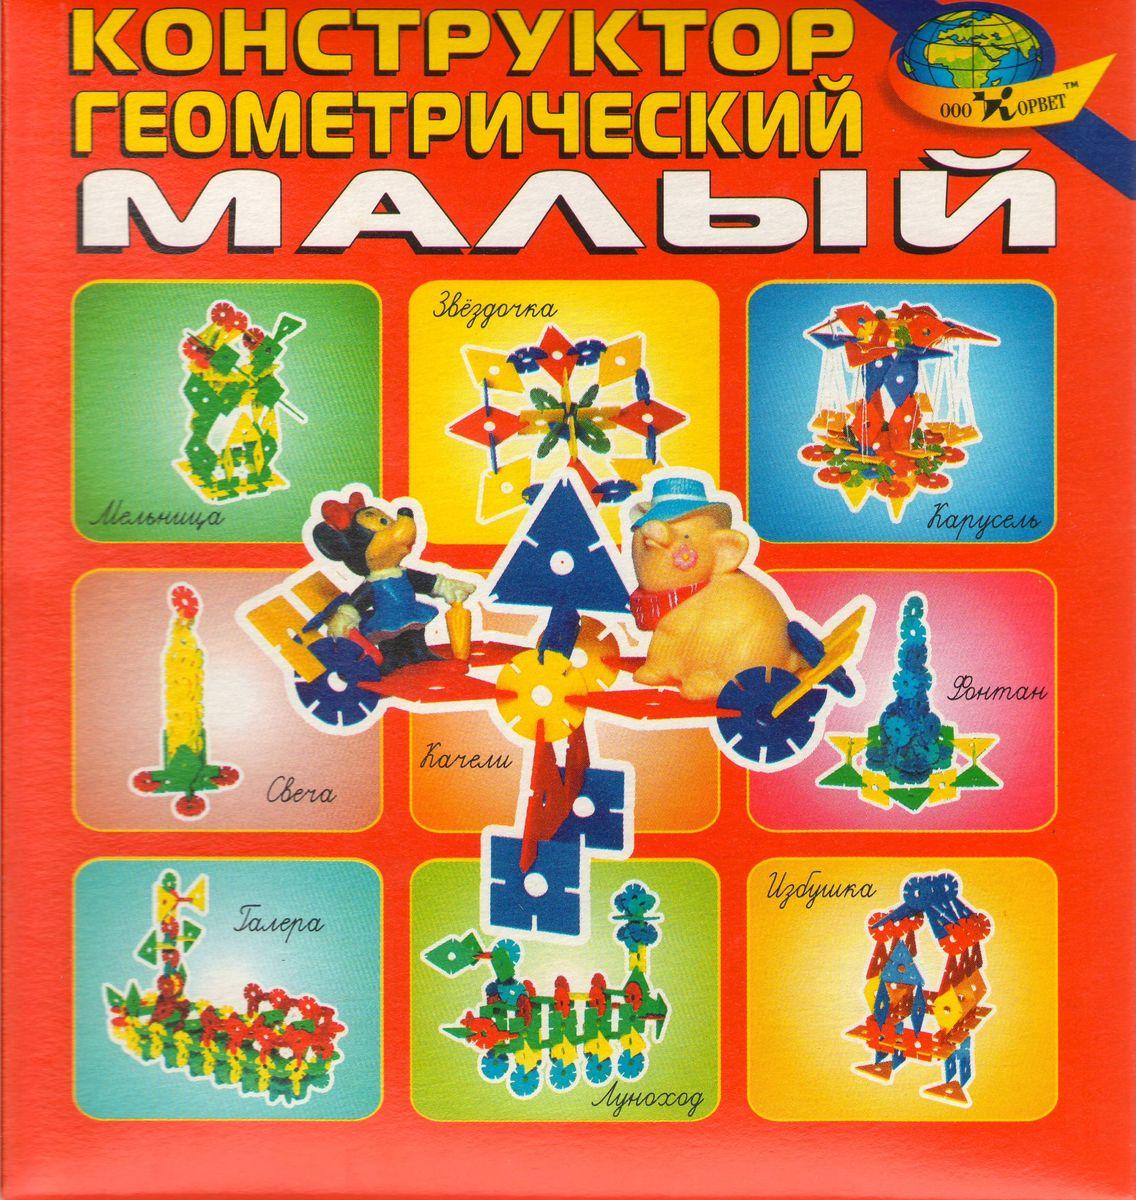 Корвет Обучающая игра Конструктор геометрический малый4680000430340В комплект входят плоские геометрические фигуры (квадрат, ромб, треугольник, круг) с прорезями для соединения. Фигуры четырех цветов.